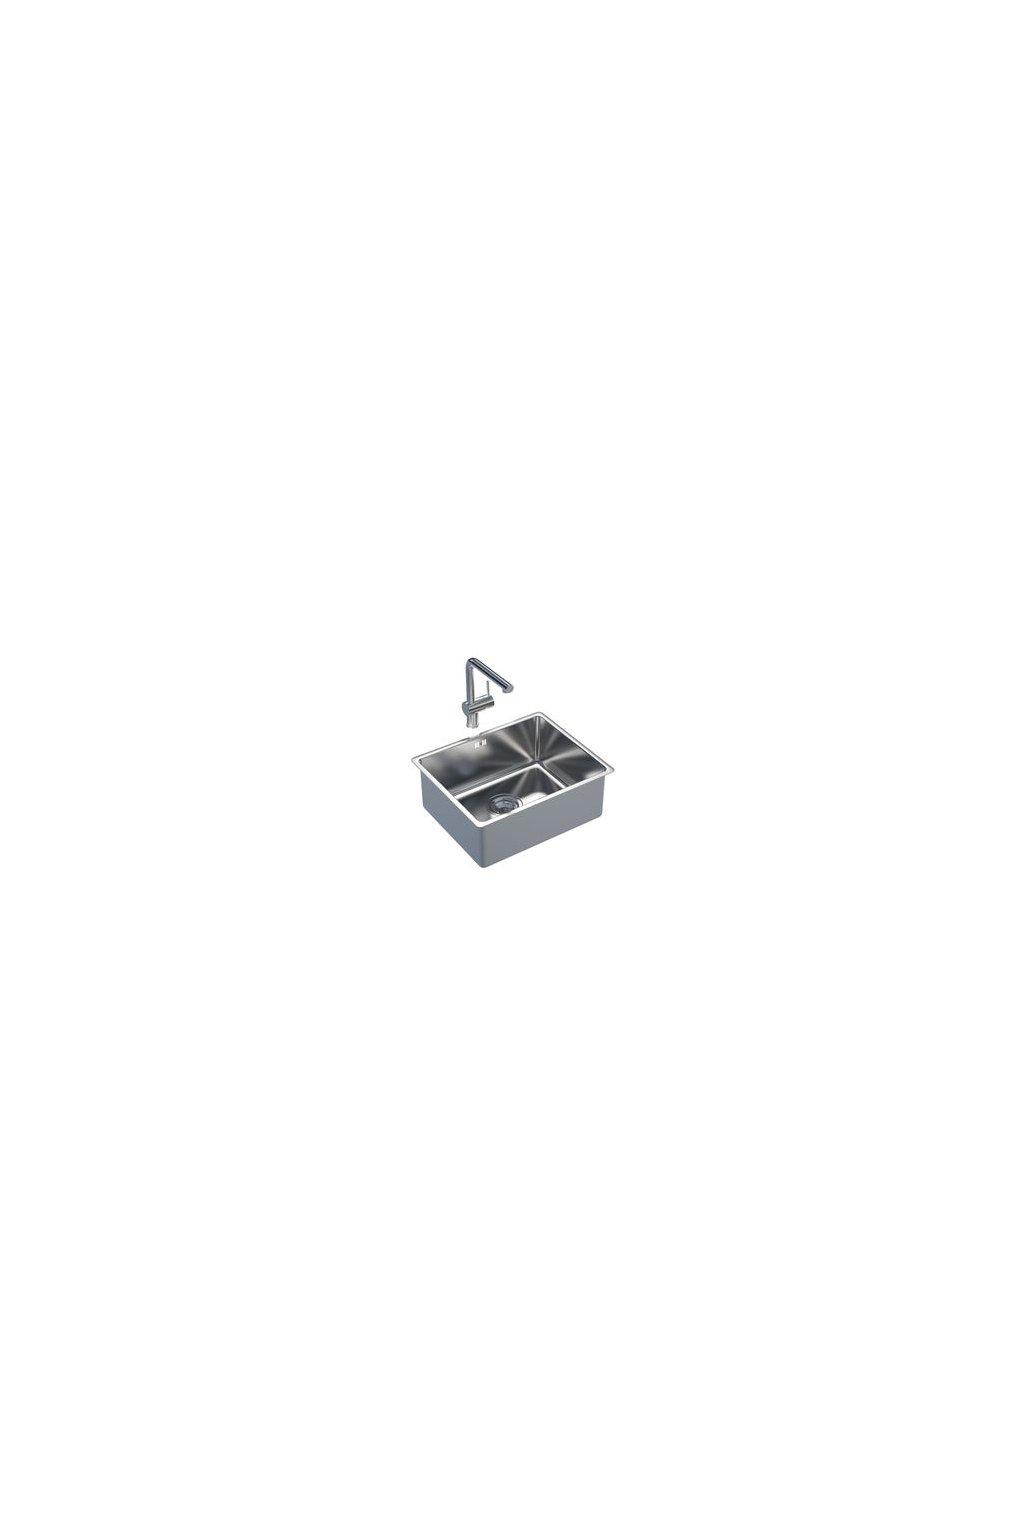 Square – 540x440